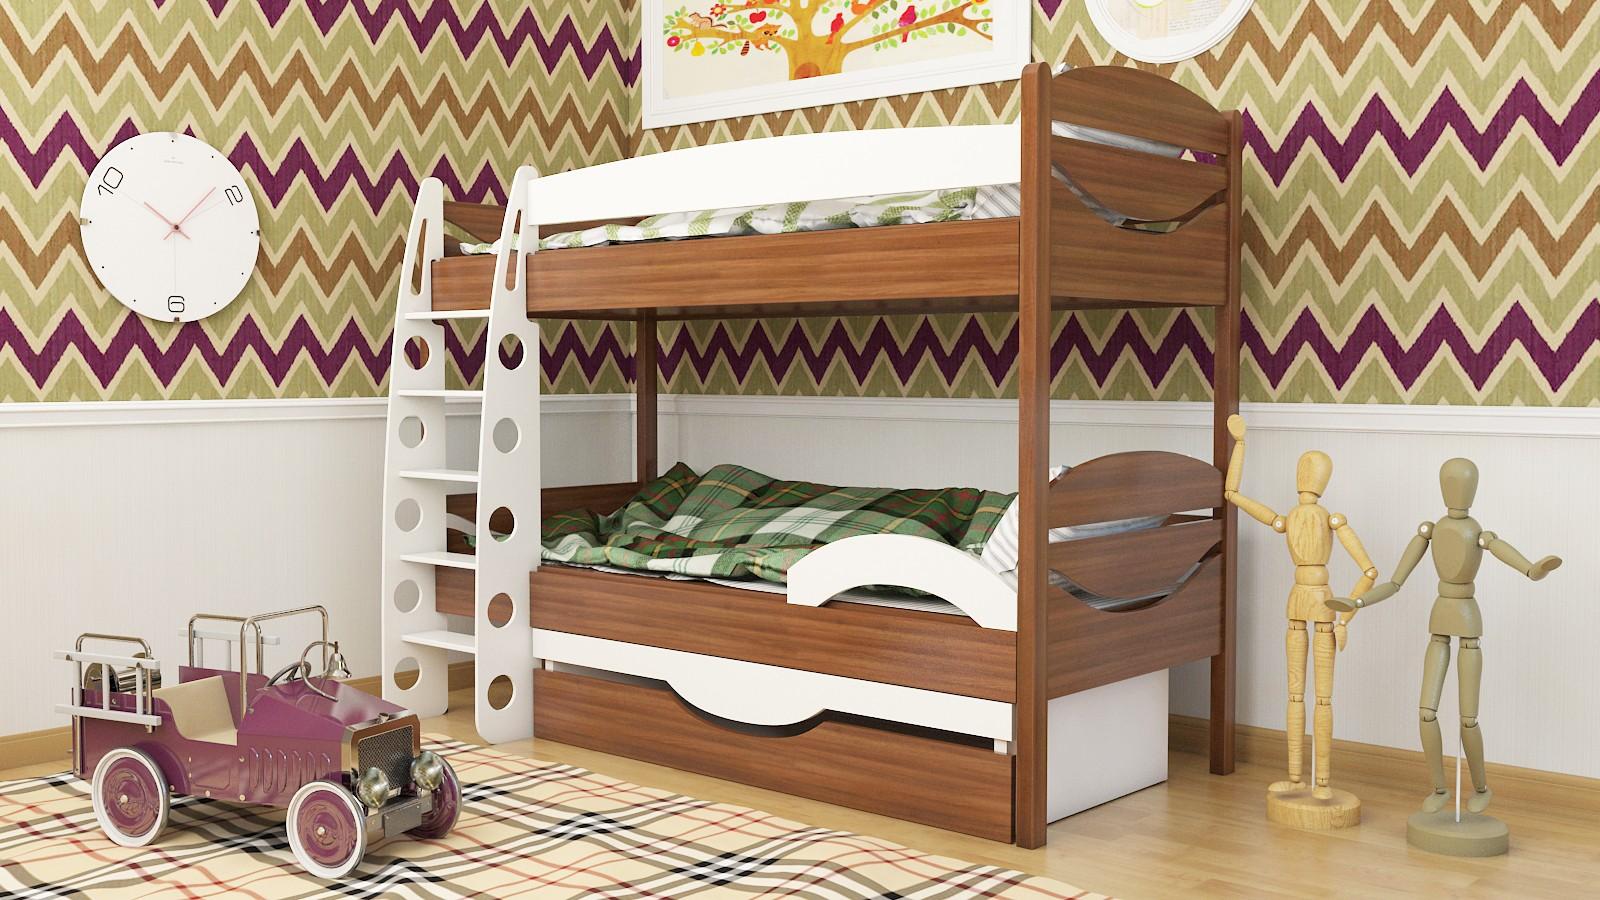 Двухъярусная детская кровать с бортиками на каждом ярусе